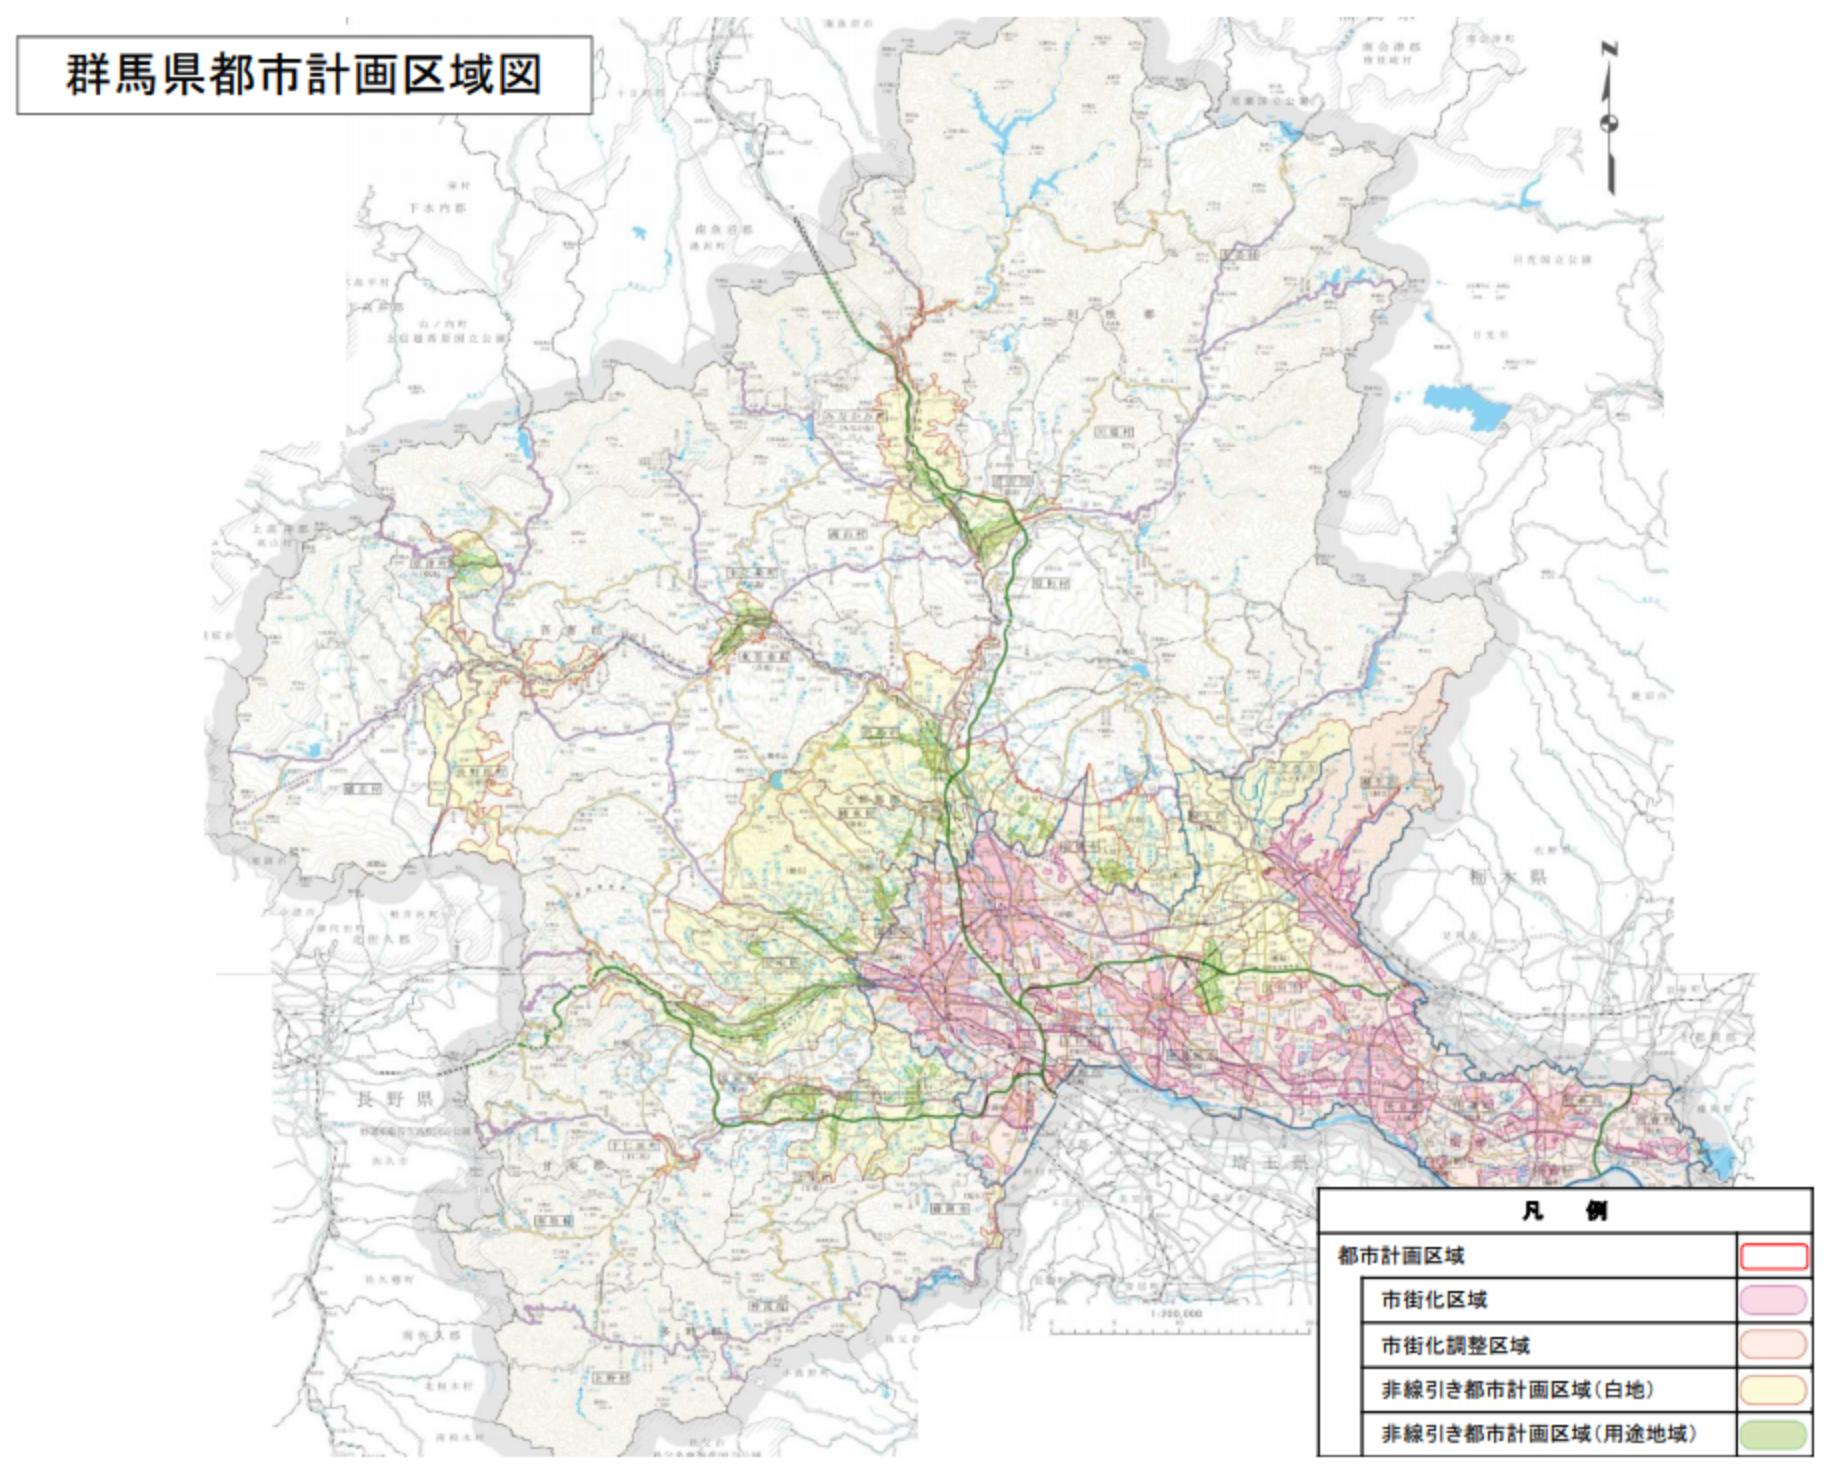 群馬県 都市計画区域